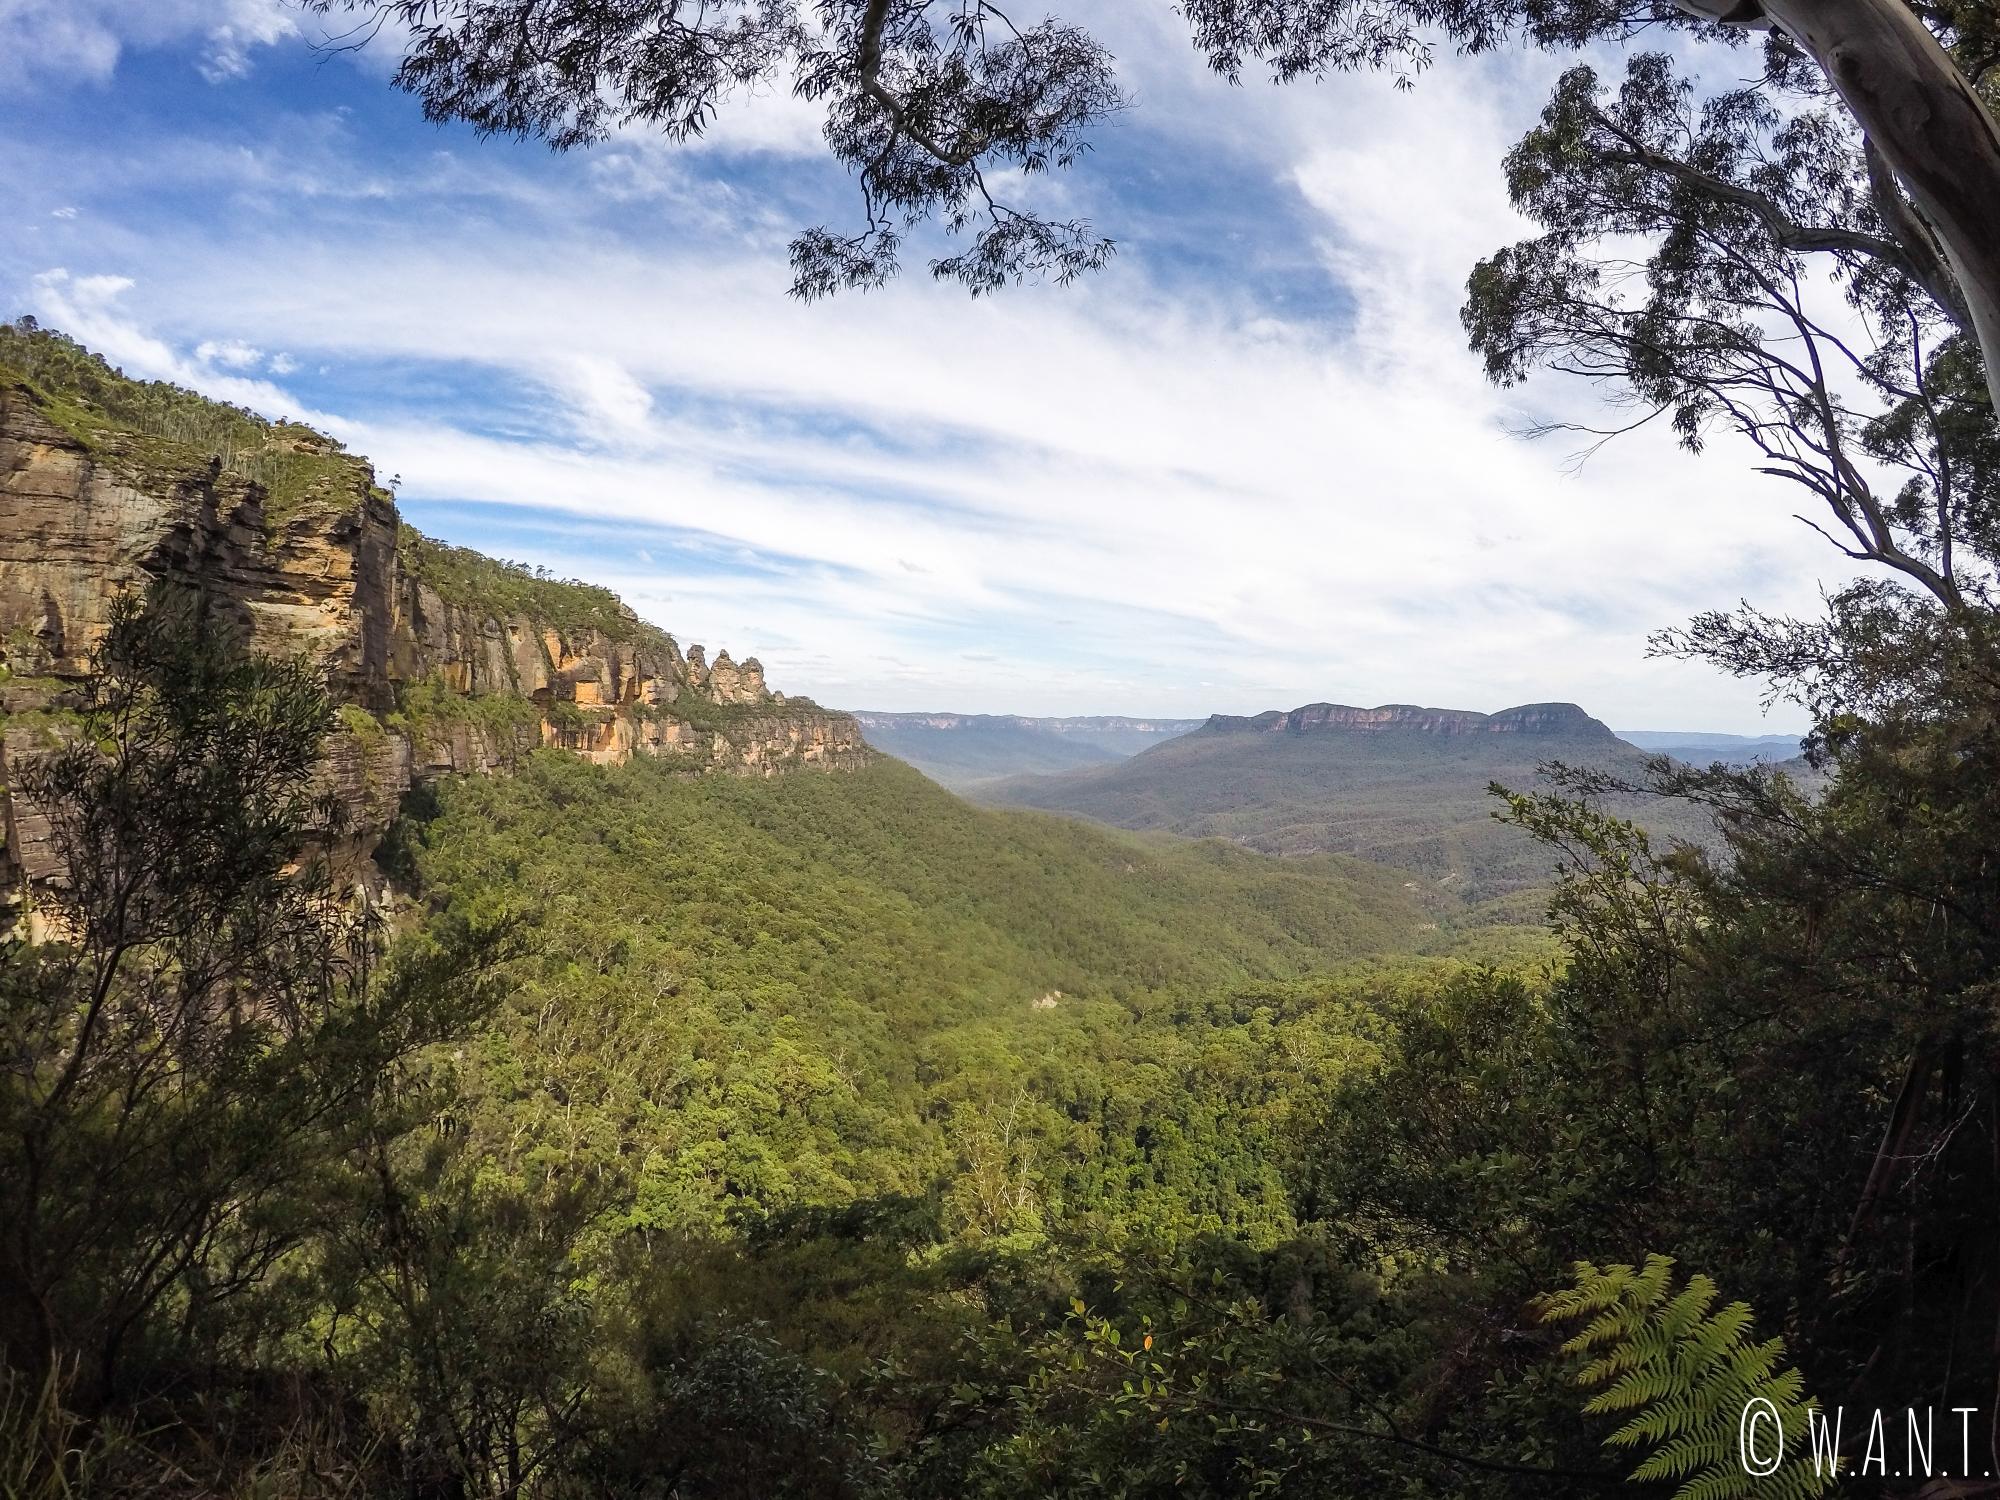 Vue imprenable sur les Blue Mountains, près de Sydney